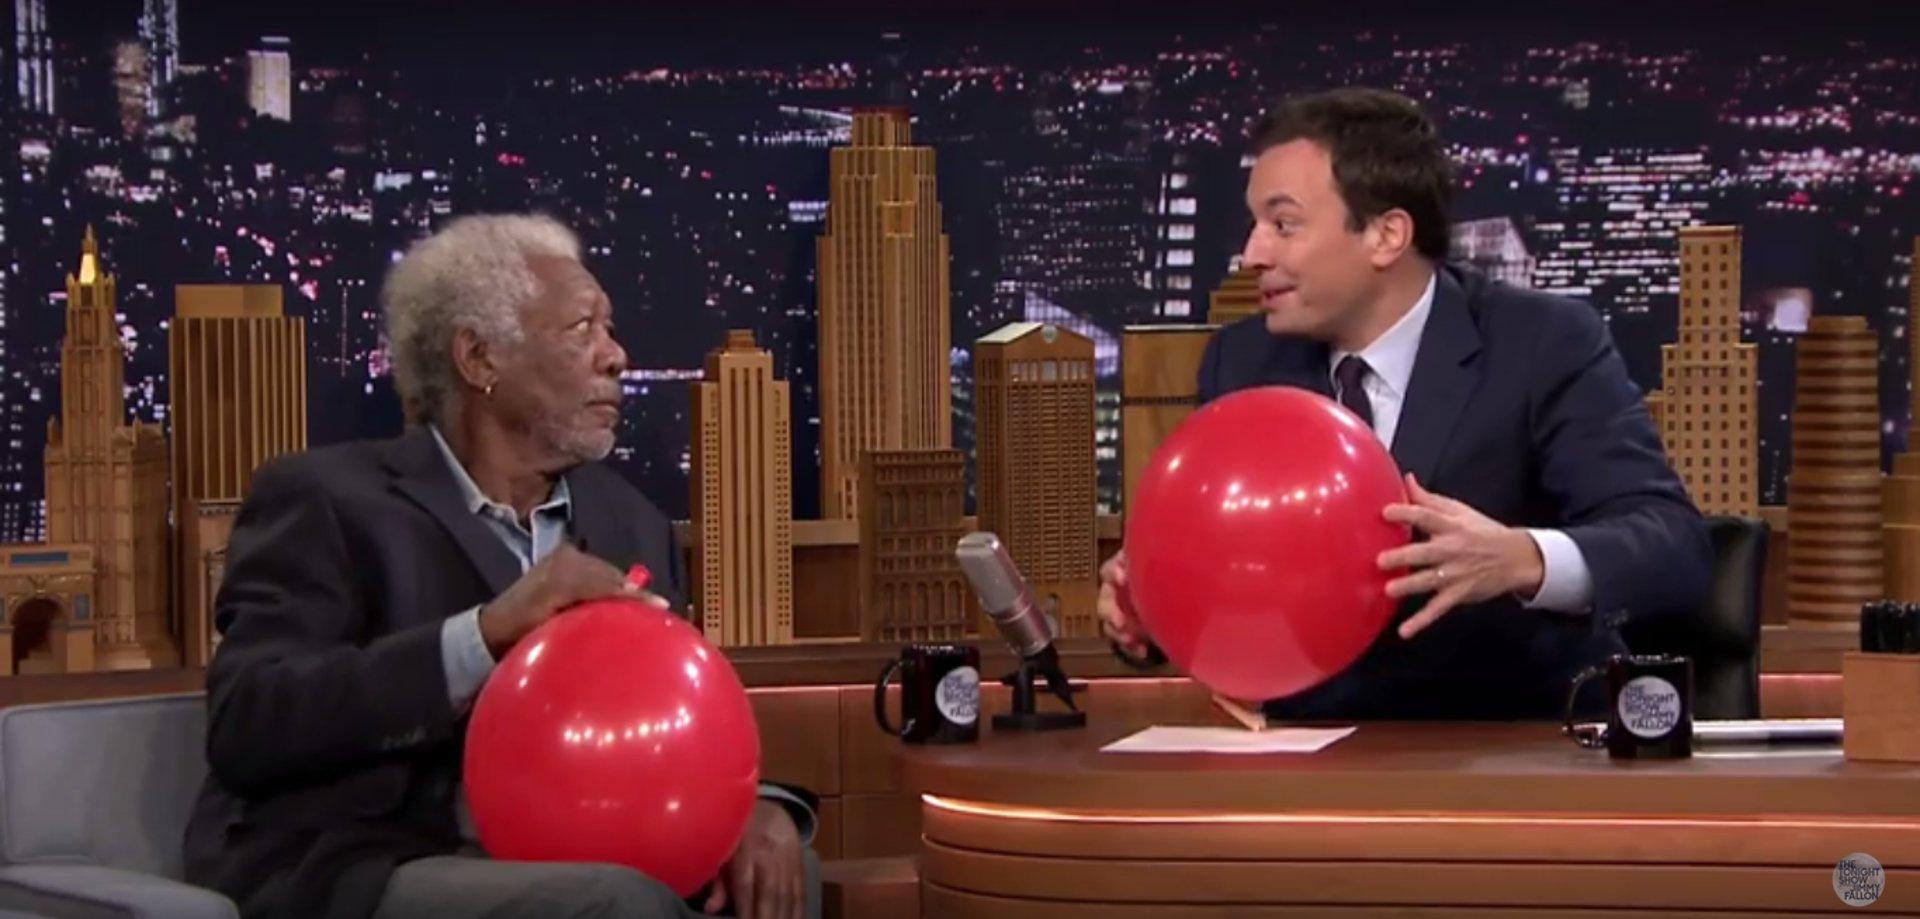 Happy Birthday! Morgan Freeman wird 80 Jahre alt